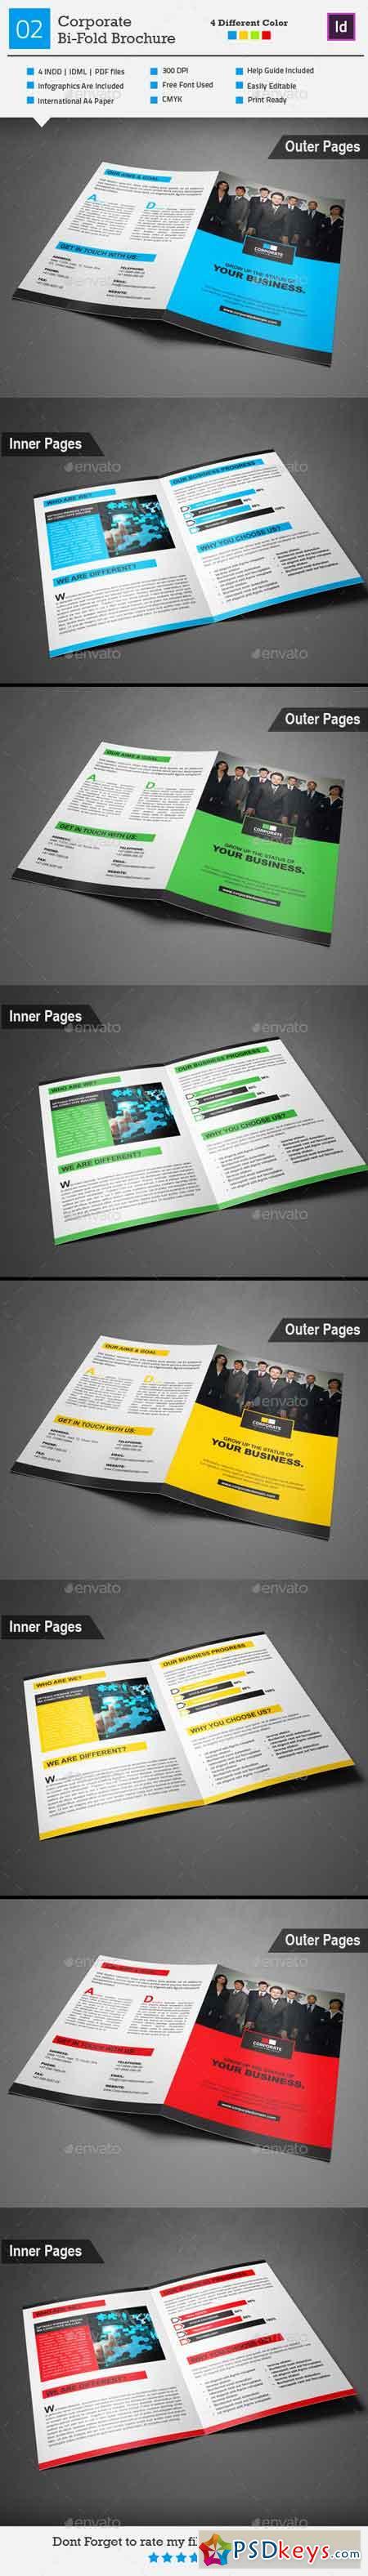 Corporate Bi-Fold Brochure 02 9126782